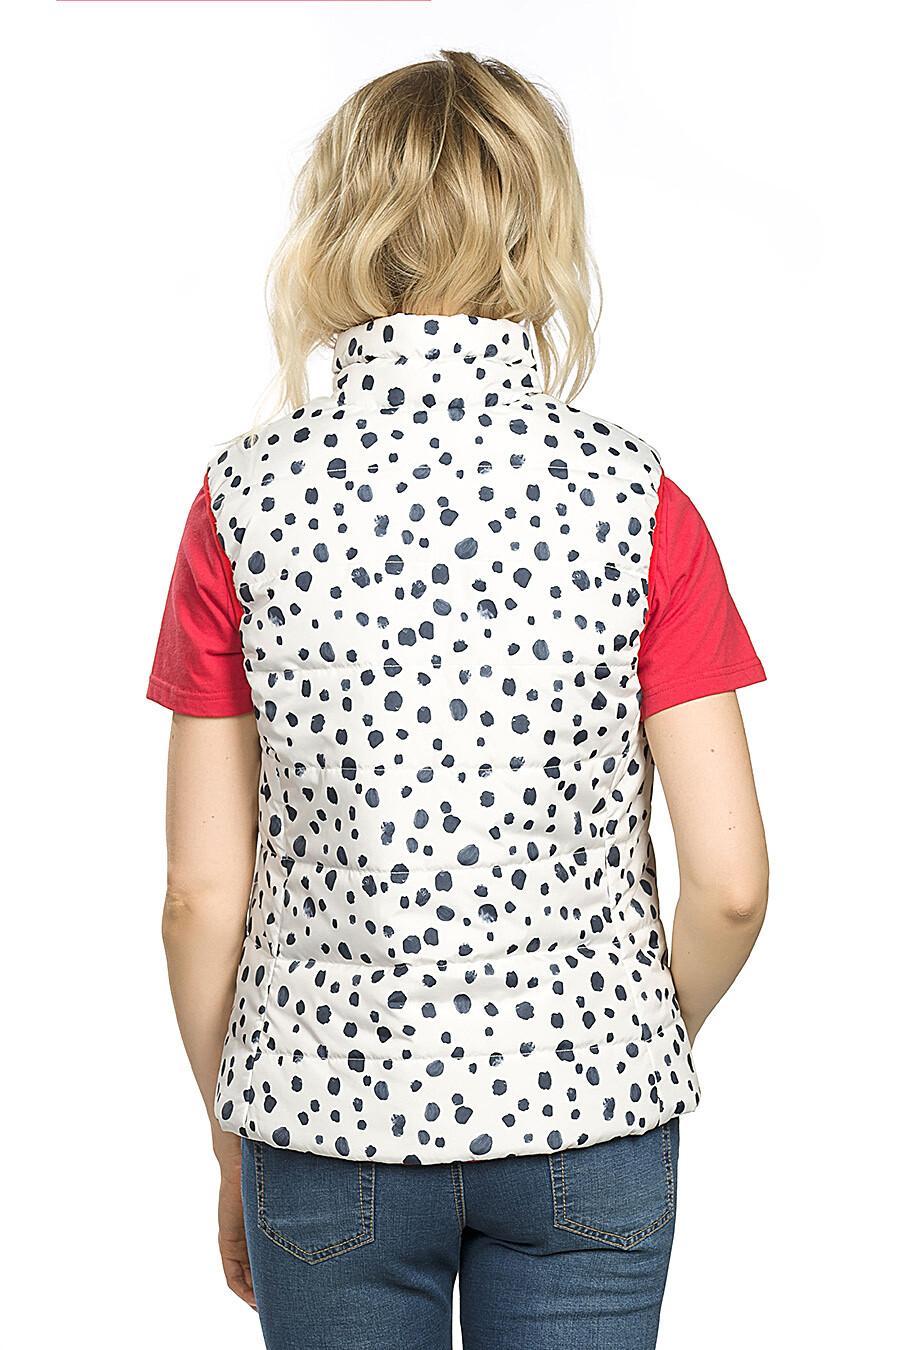 Жилет для женщин PELICAN 146773 купить оптом от производителя. Совместная покупка женской одежды в OptMoyo